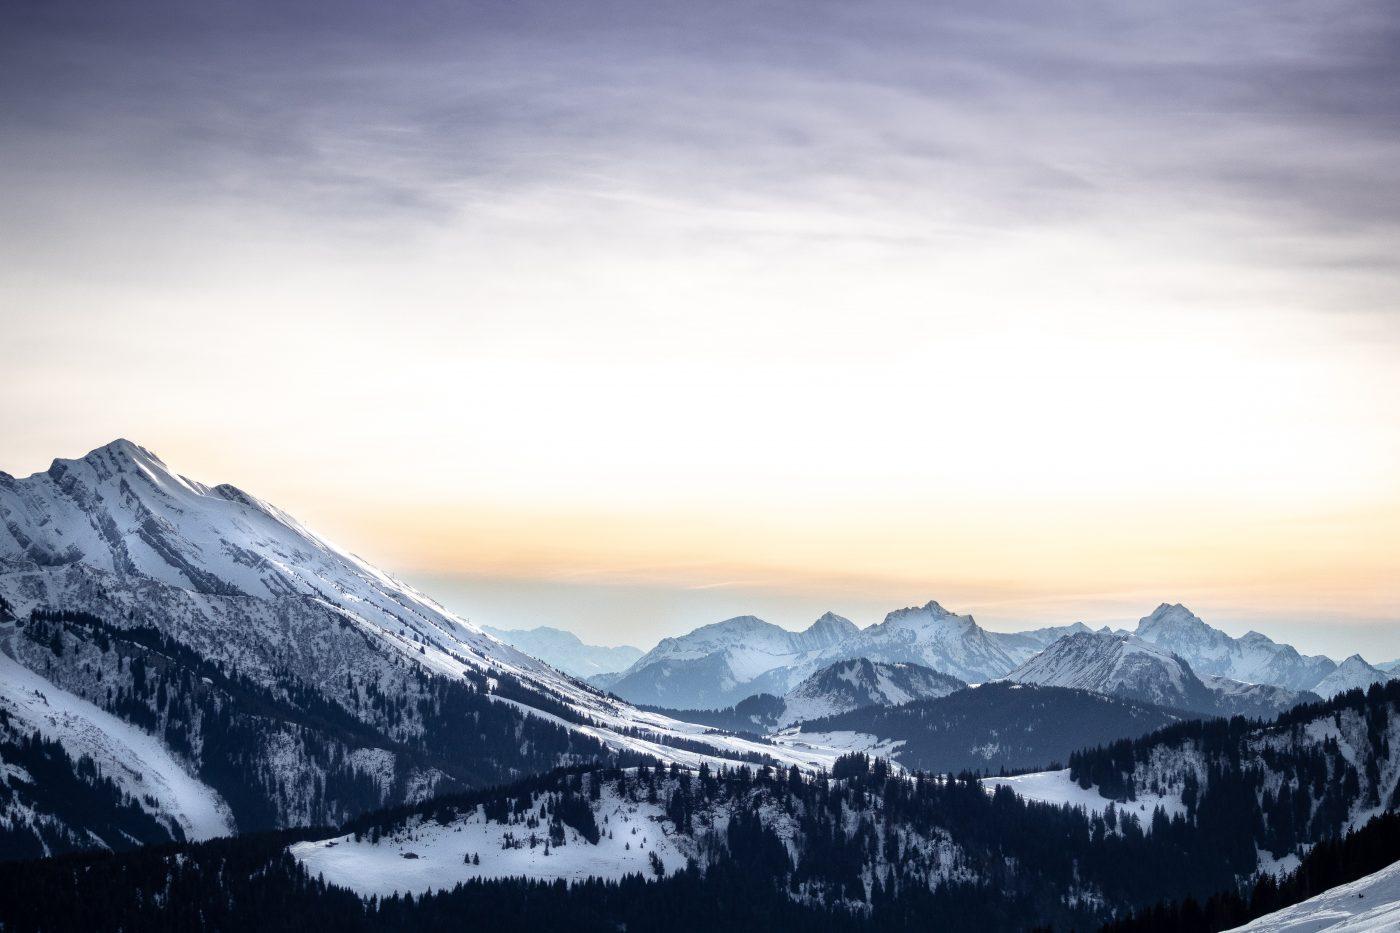 Surati-Stille-Retreat im Allgäu vom 12.-15.03.2020 mit Devi & Premdas